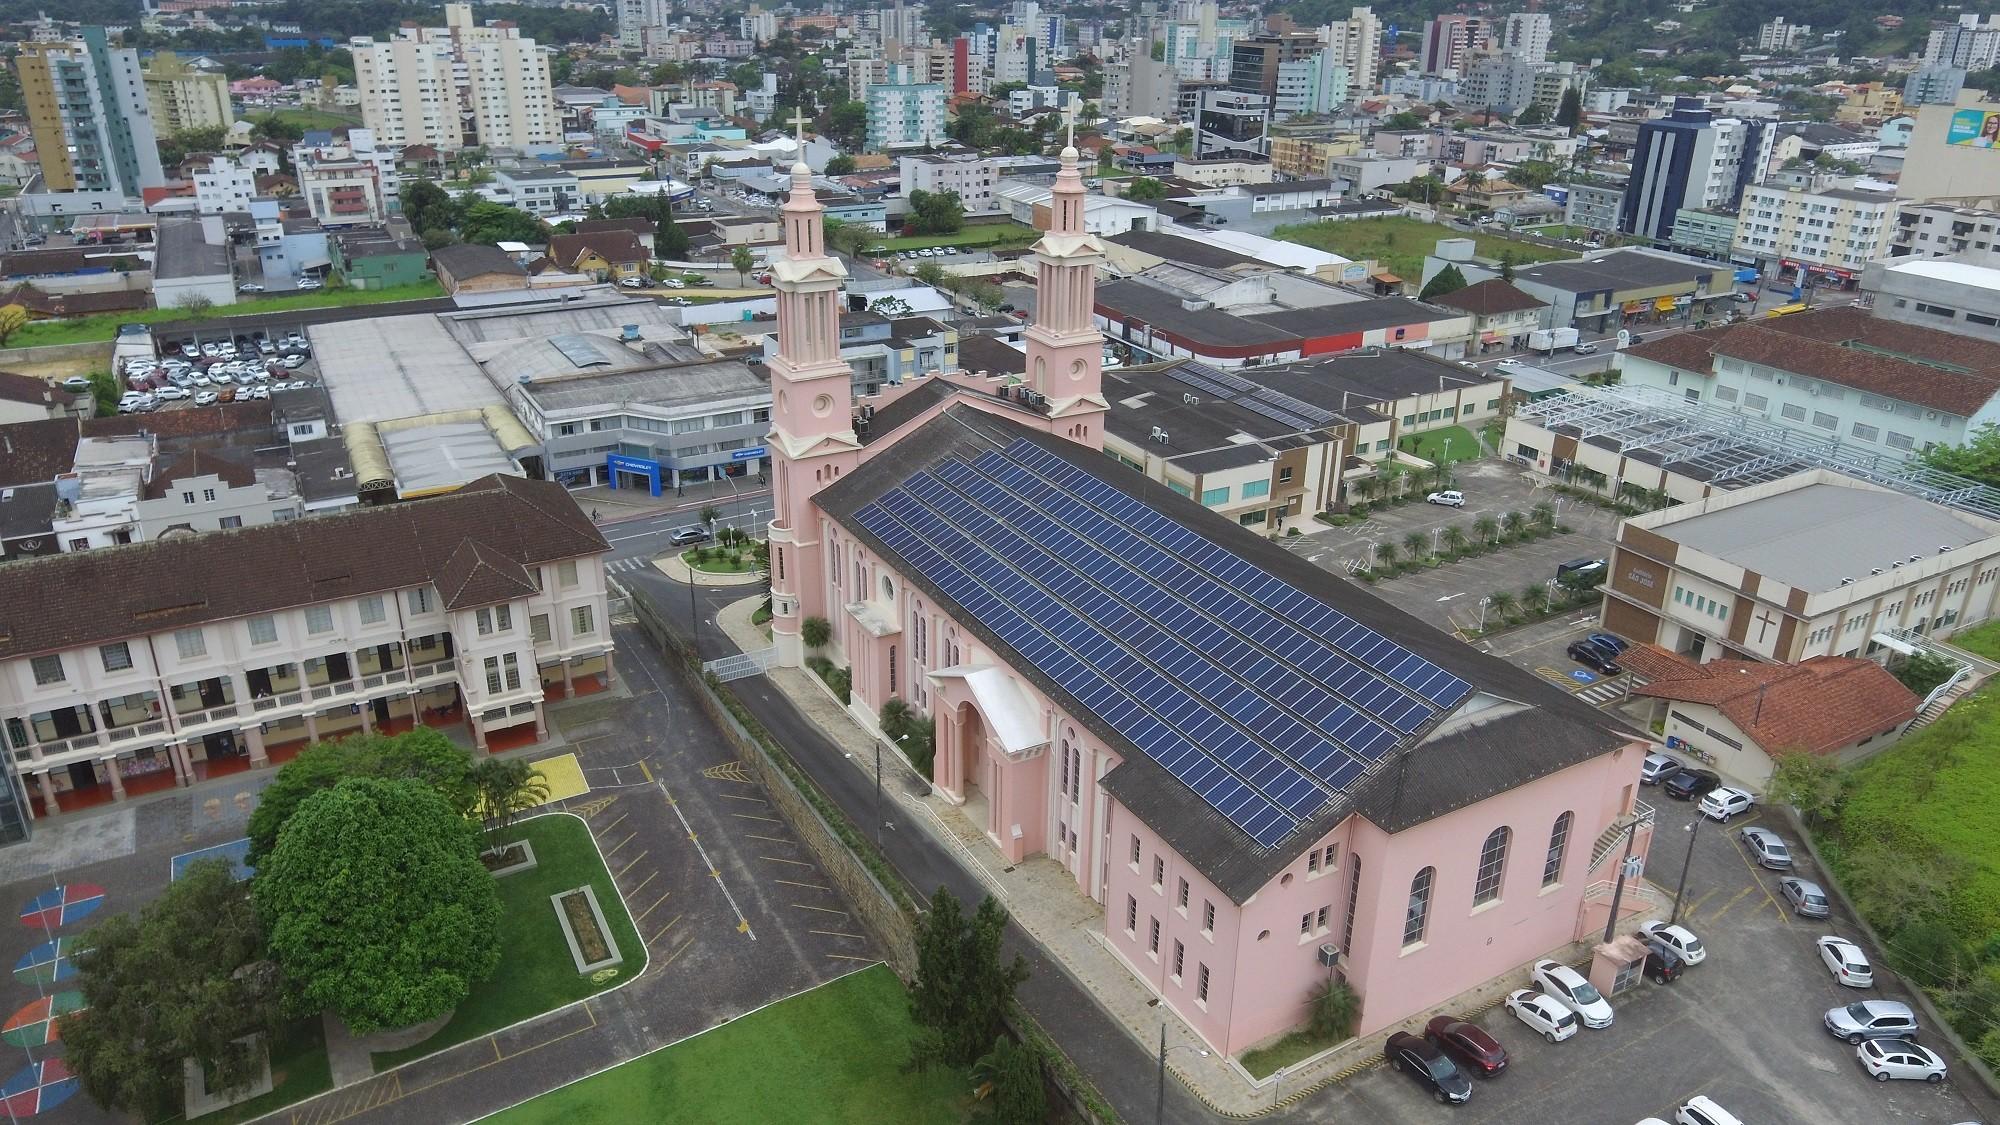 Avanço da tecnologia permite maior acesso a energia solar